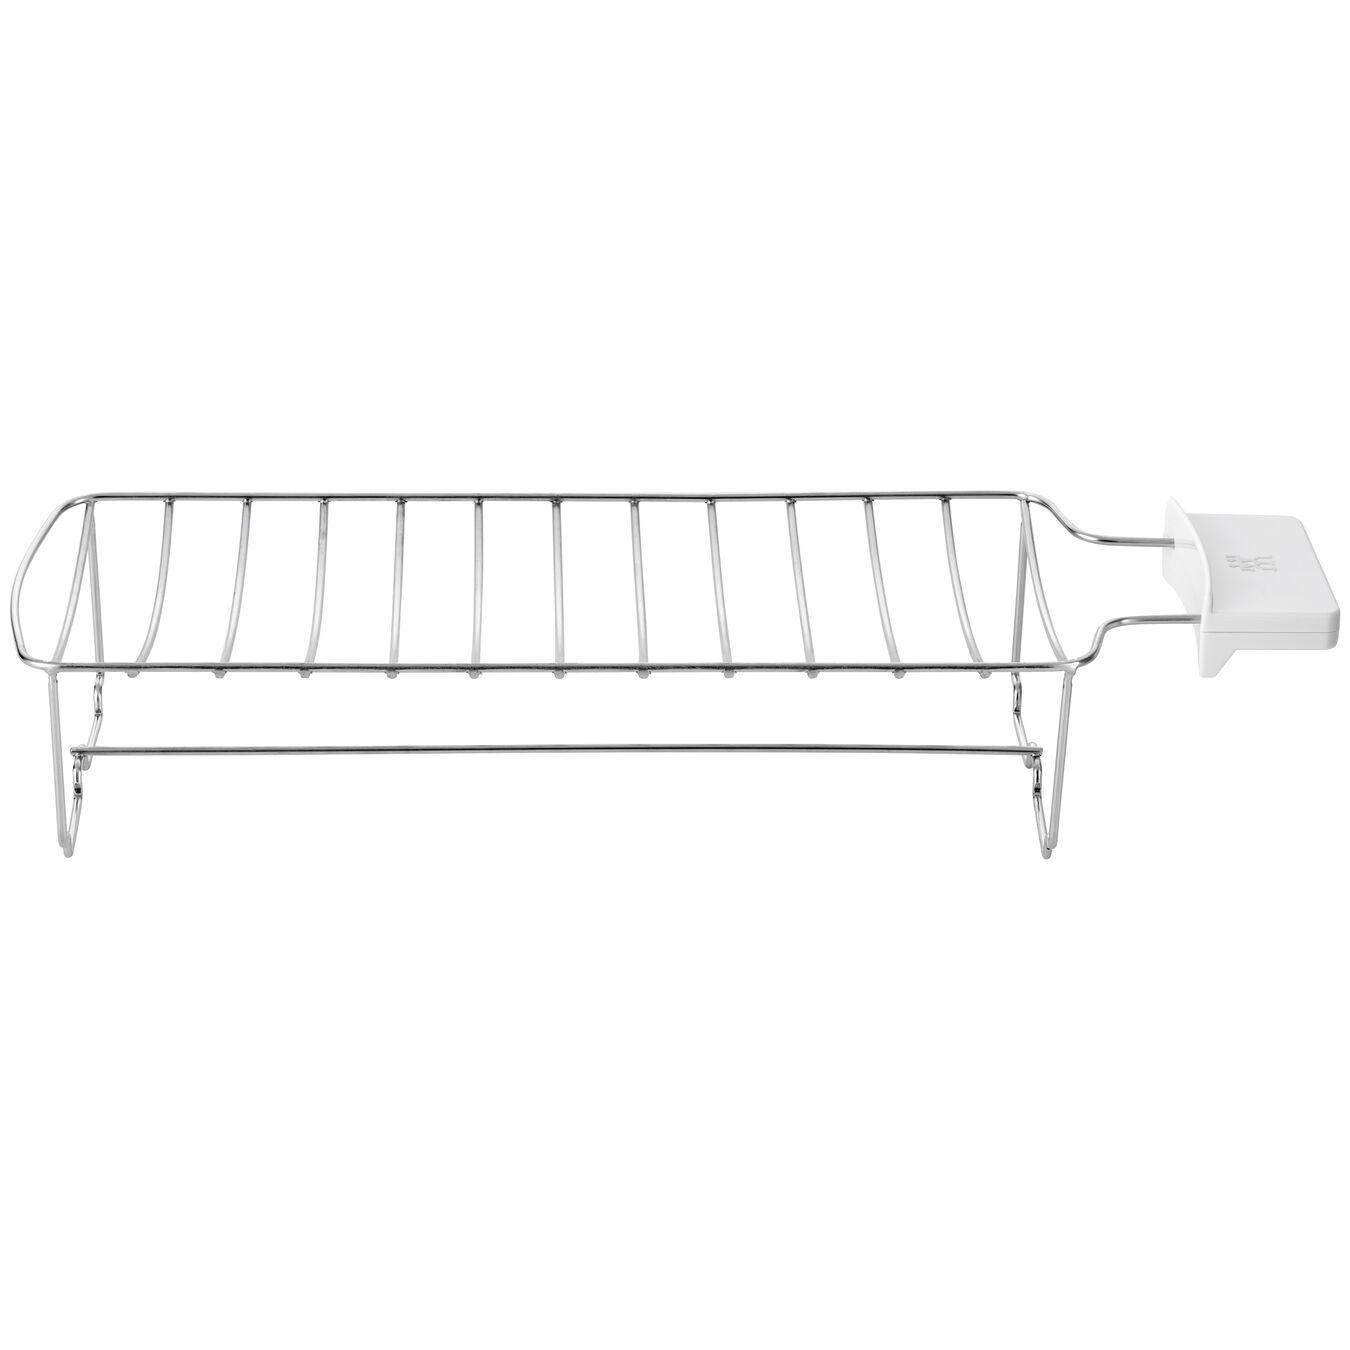 Bun Warmer - Large, 2 long slots | silver,,large 1